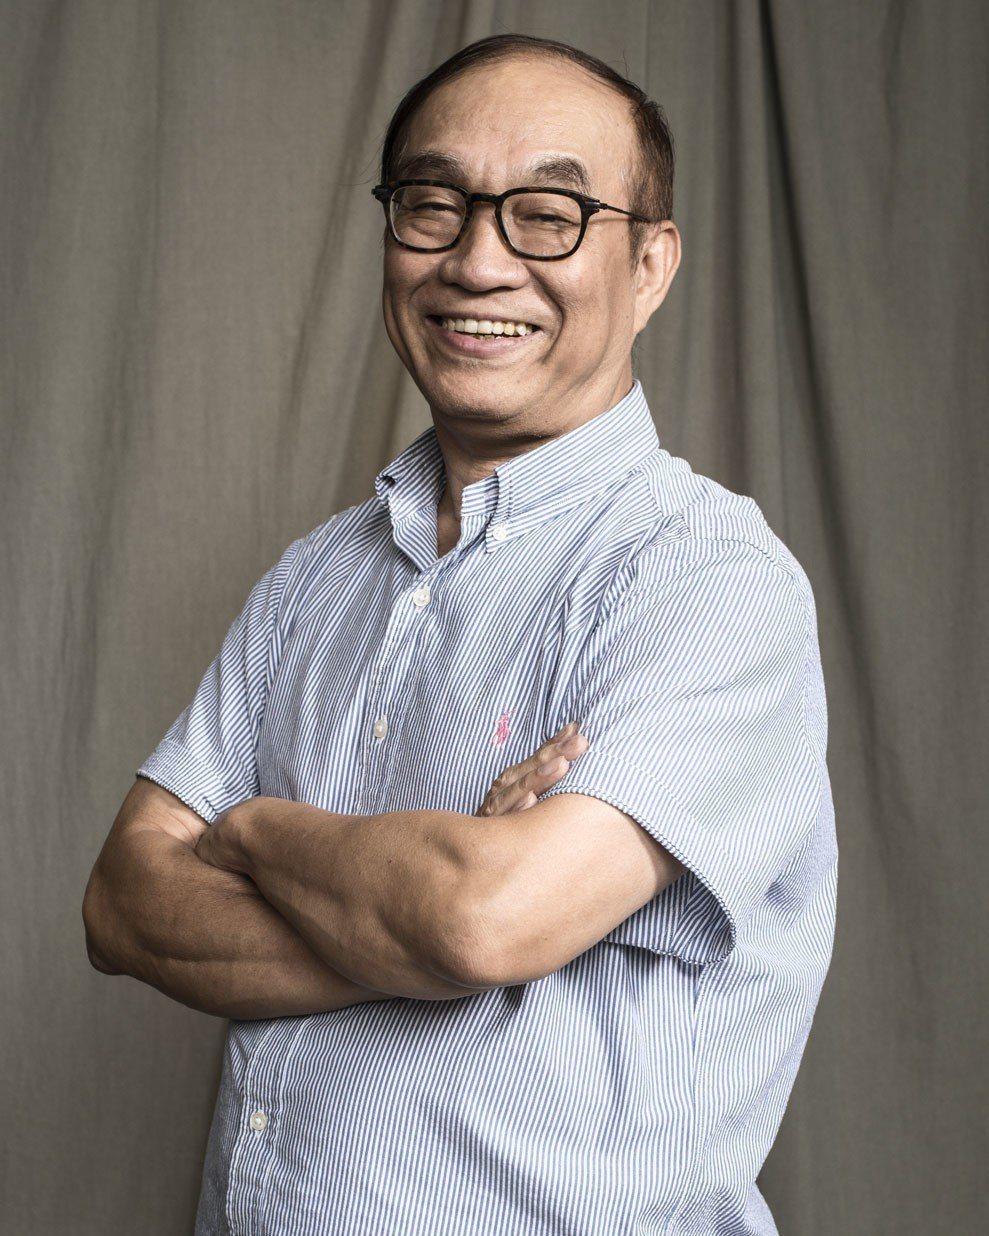 金馬電影學院十年有成,學務長剪接大師廖慶松演監製VR電影。圖/金馬影展提供